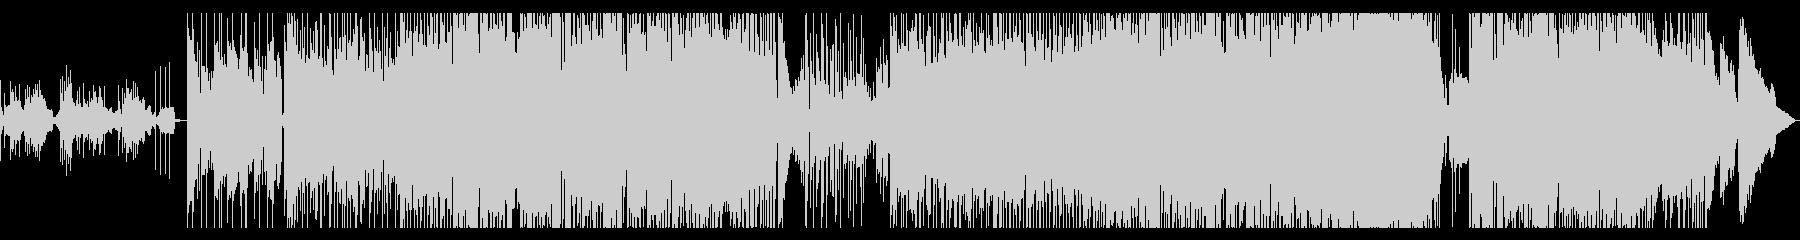 かわいいサウンドのBGMの未再生の波形